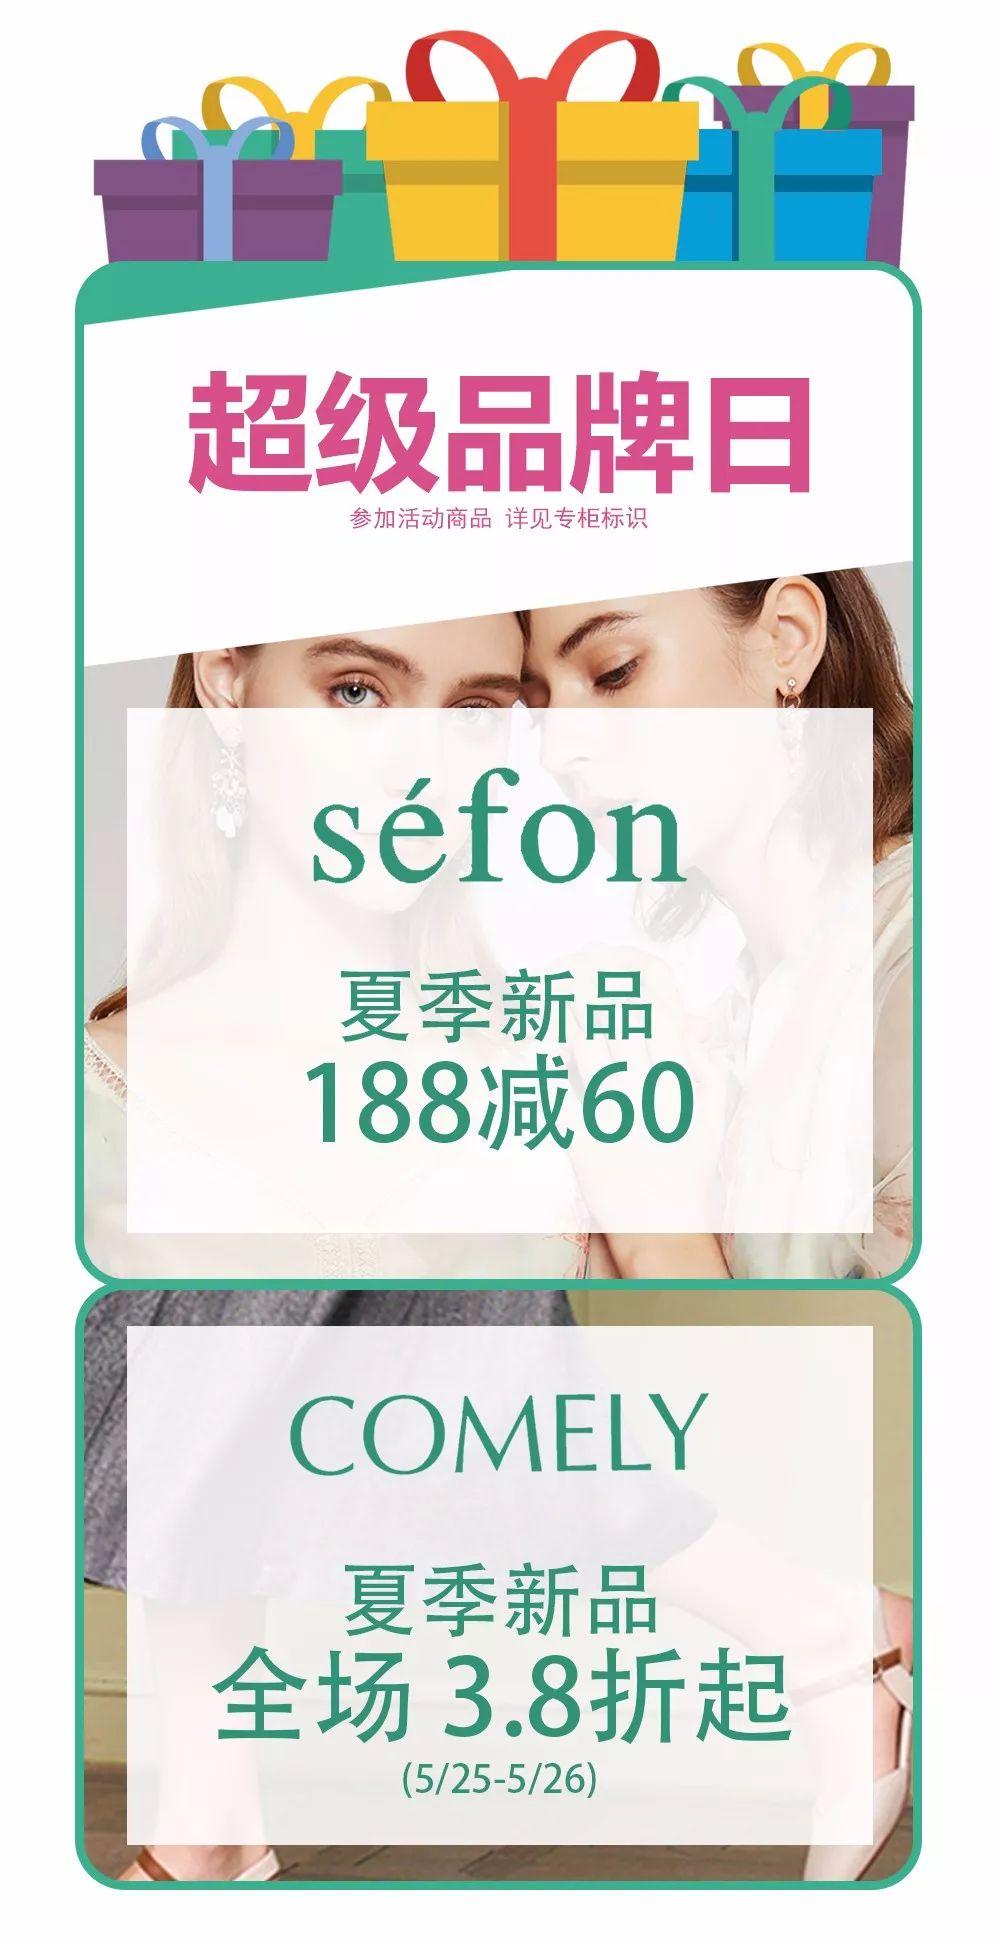 上海置地广场六一大放价 流行品牌满99减60